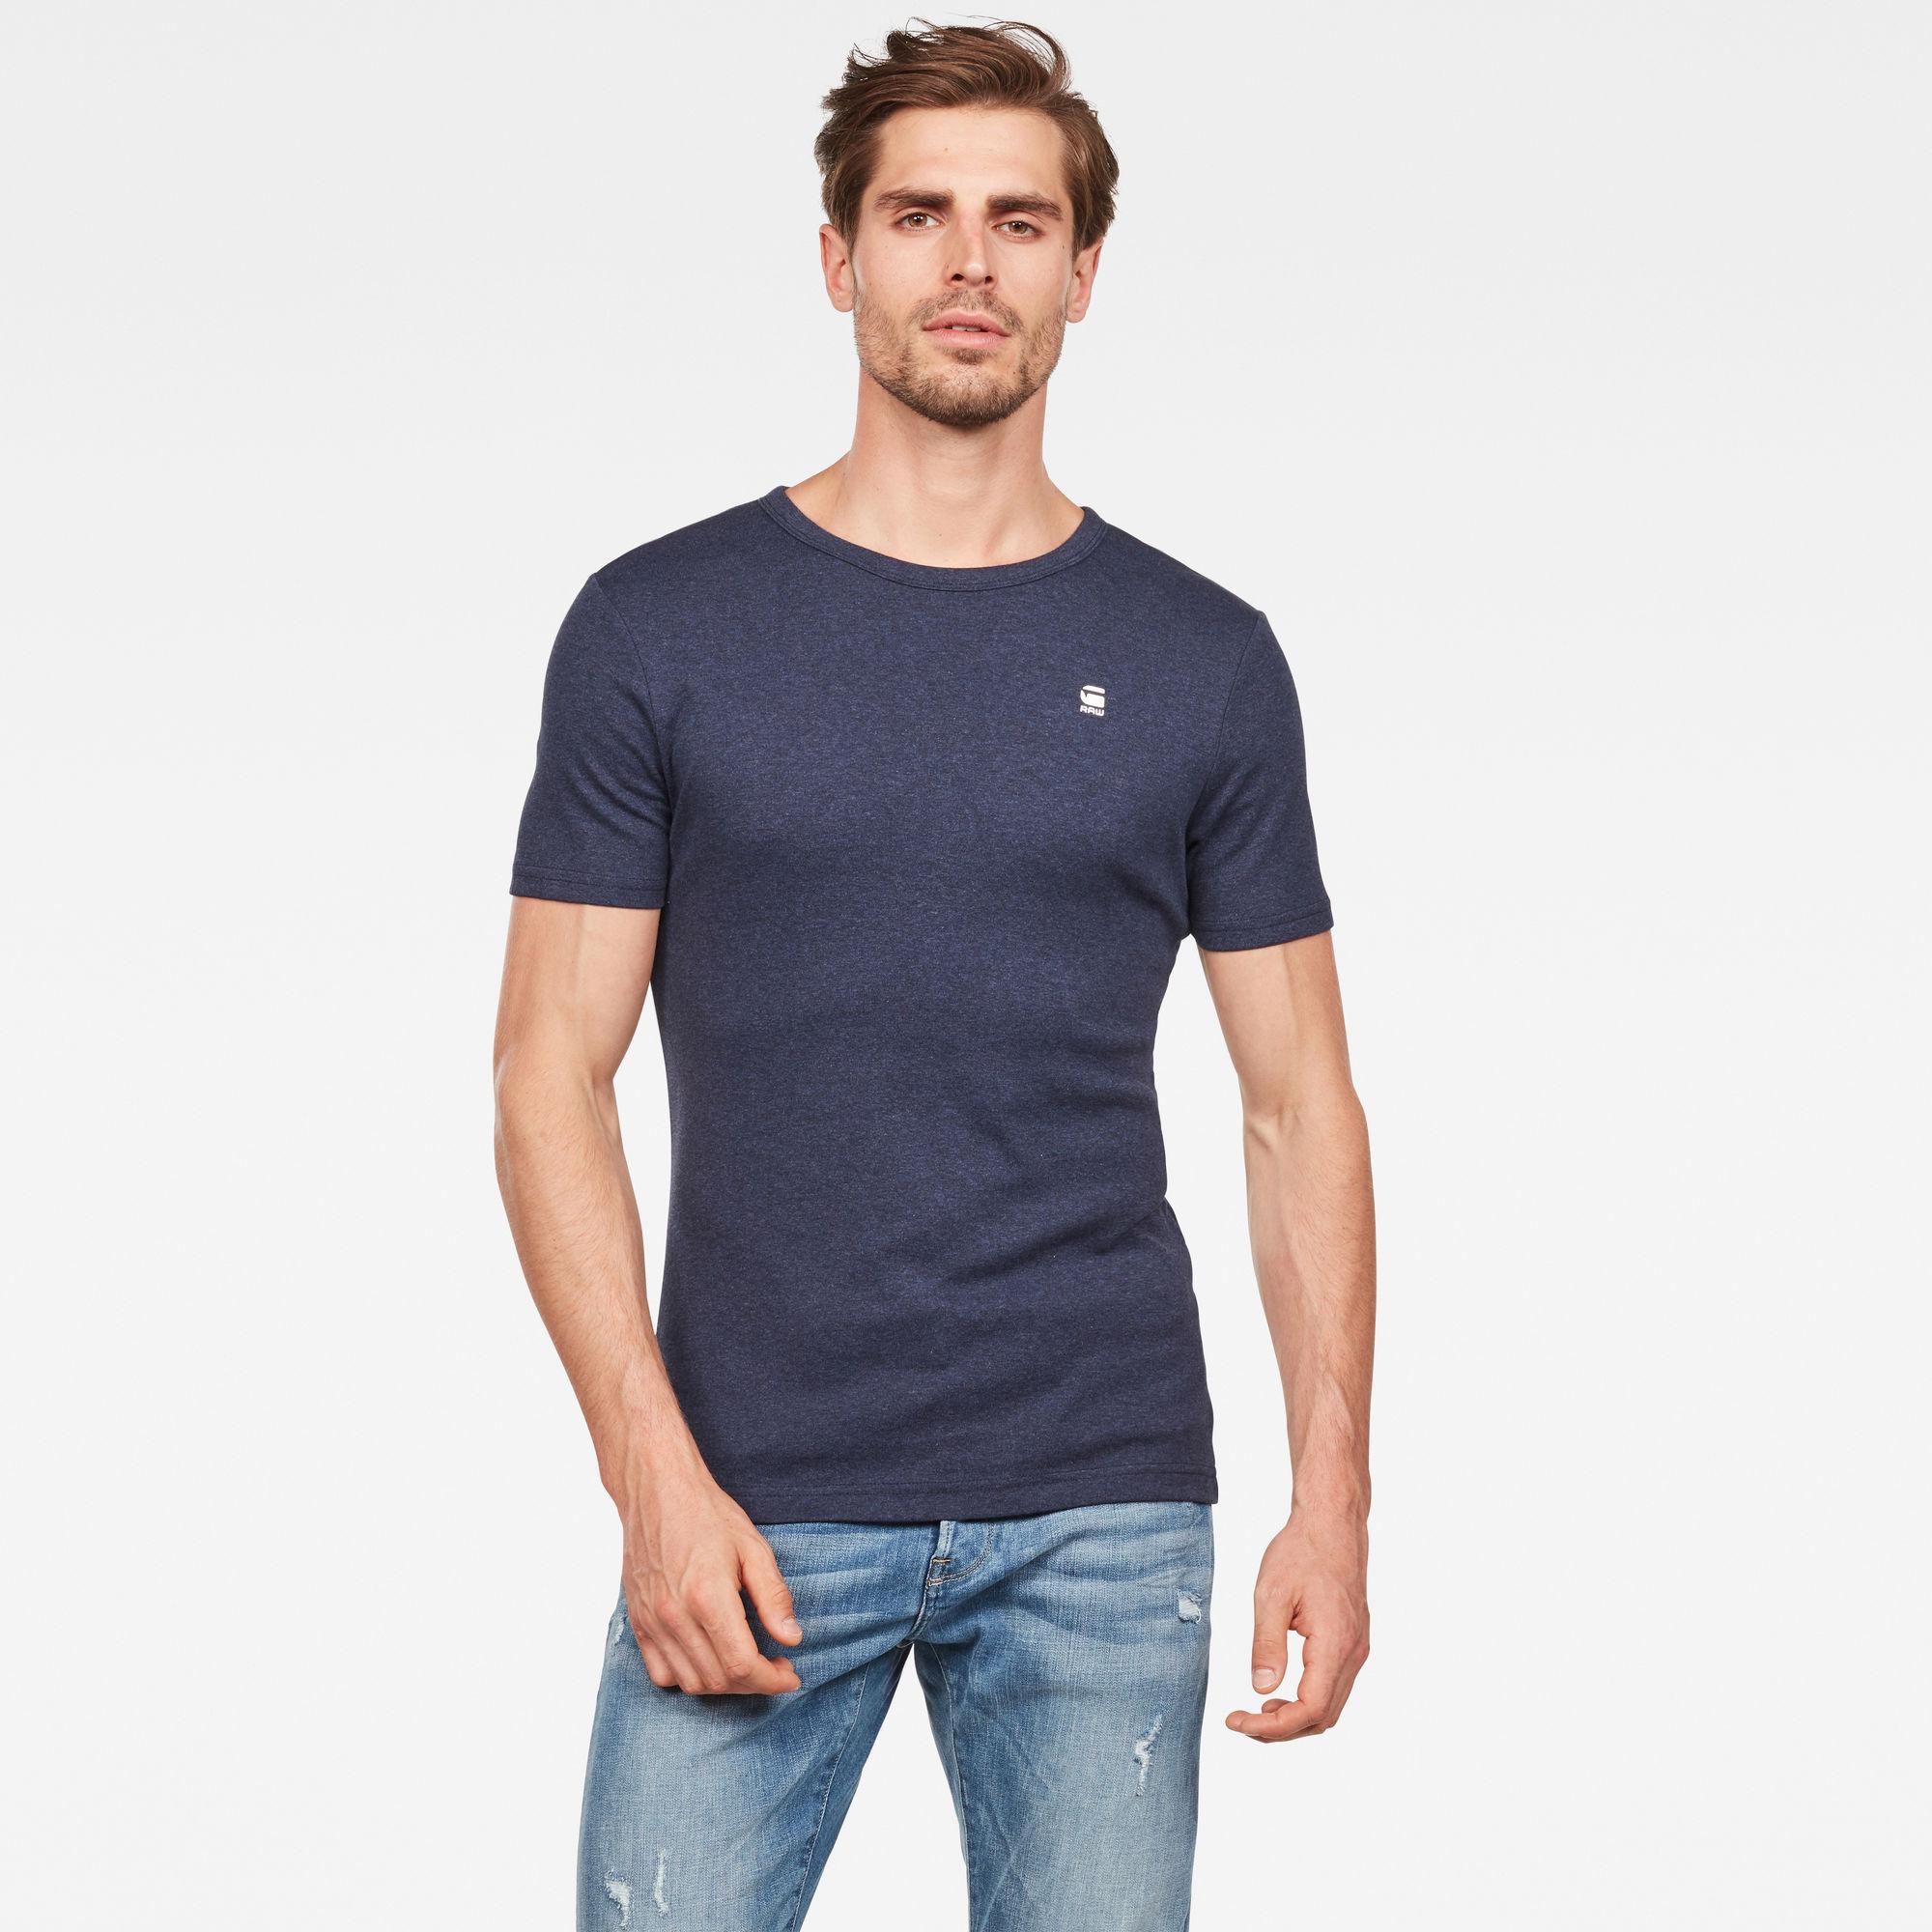 Daplin T-Shirt Donkerblauw